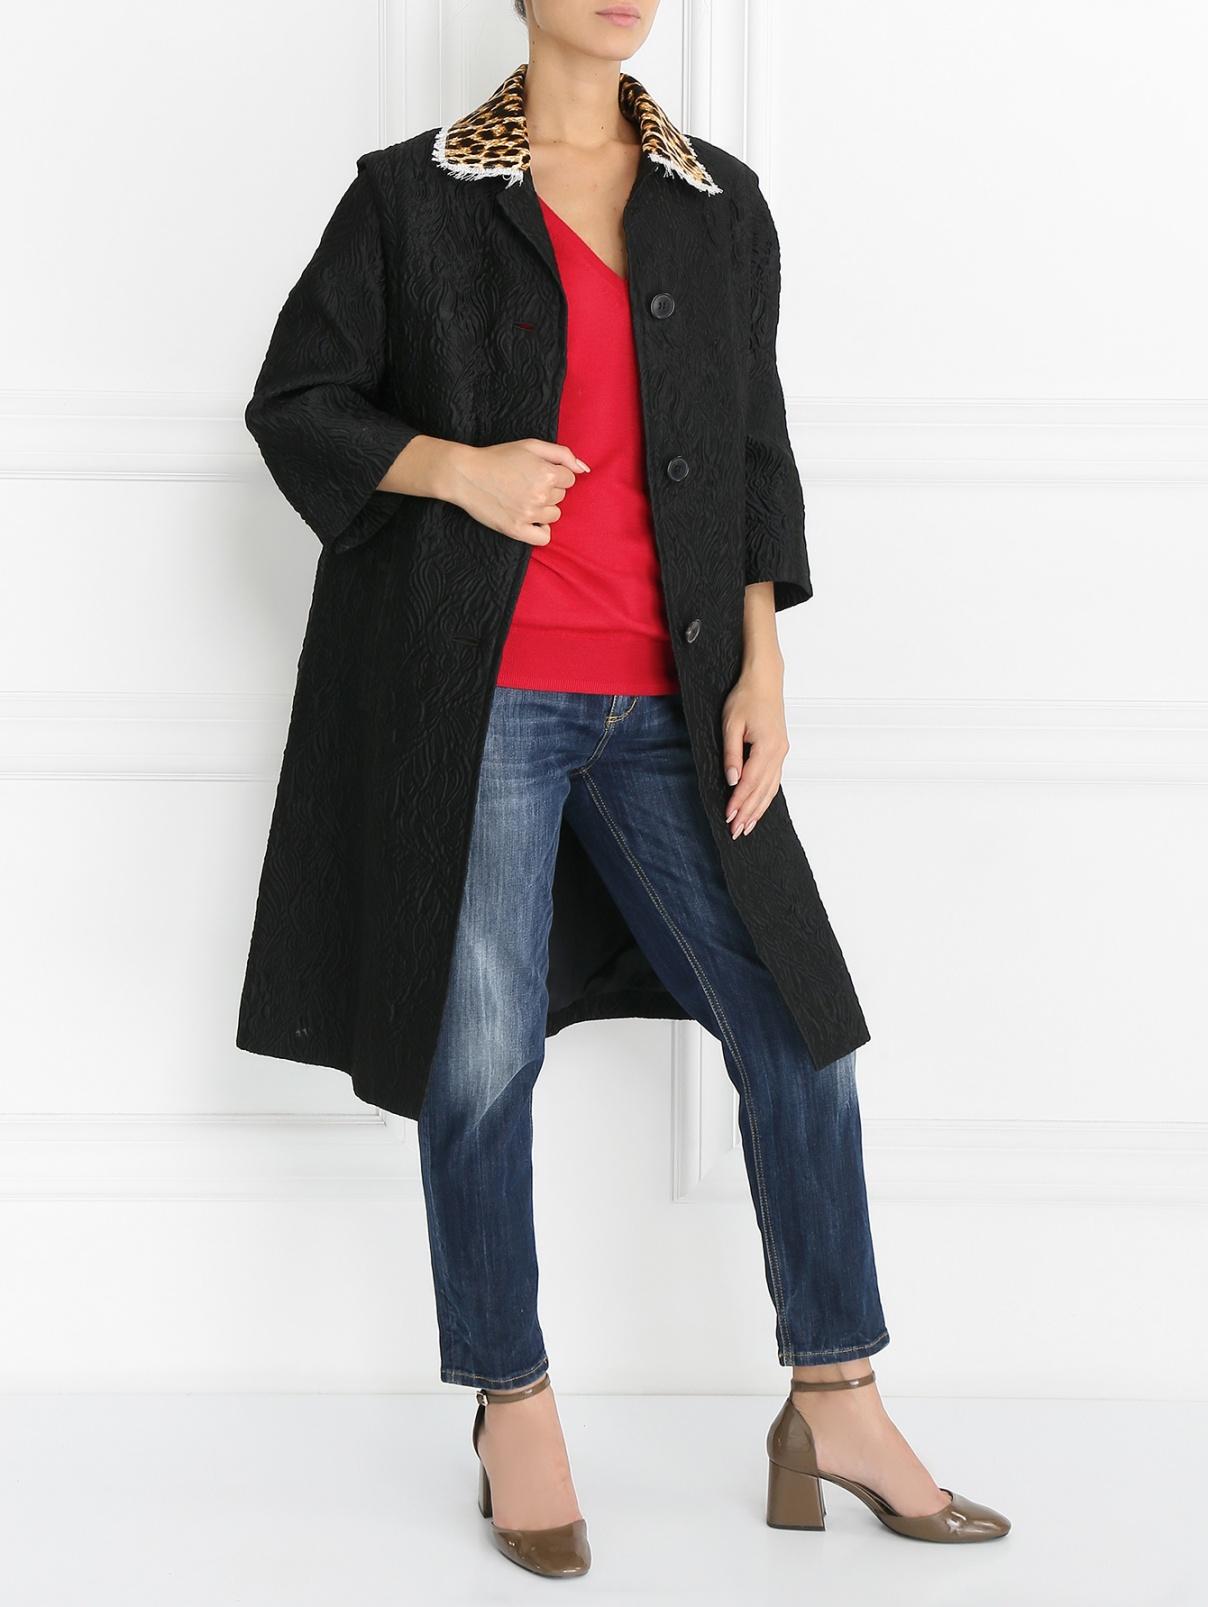 Пальто из фактурной ткани с принтом на спине Maison Margiela  –  Модель Общий вид  – Цвет:  Черный